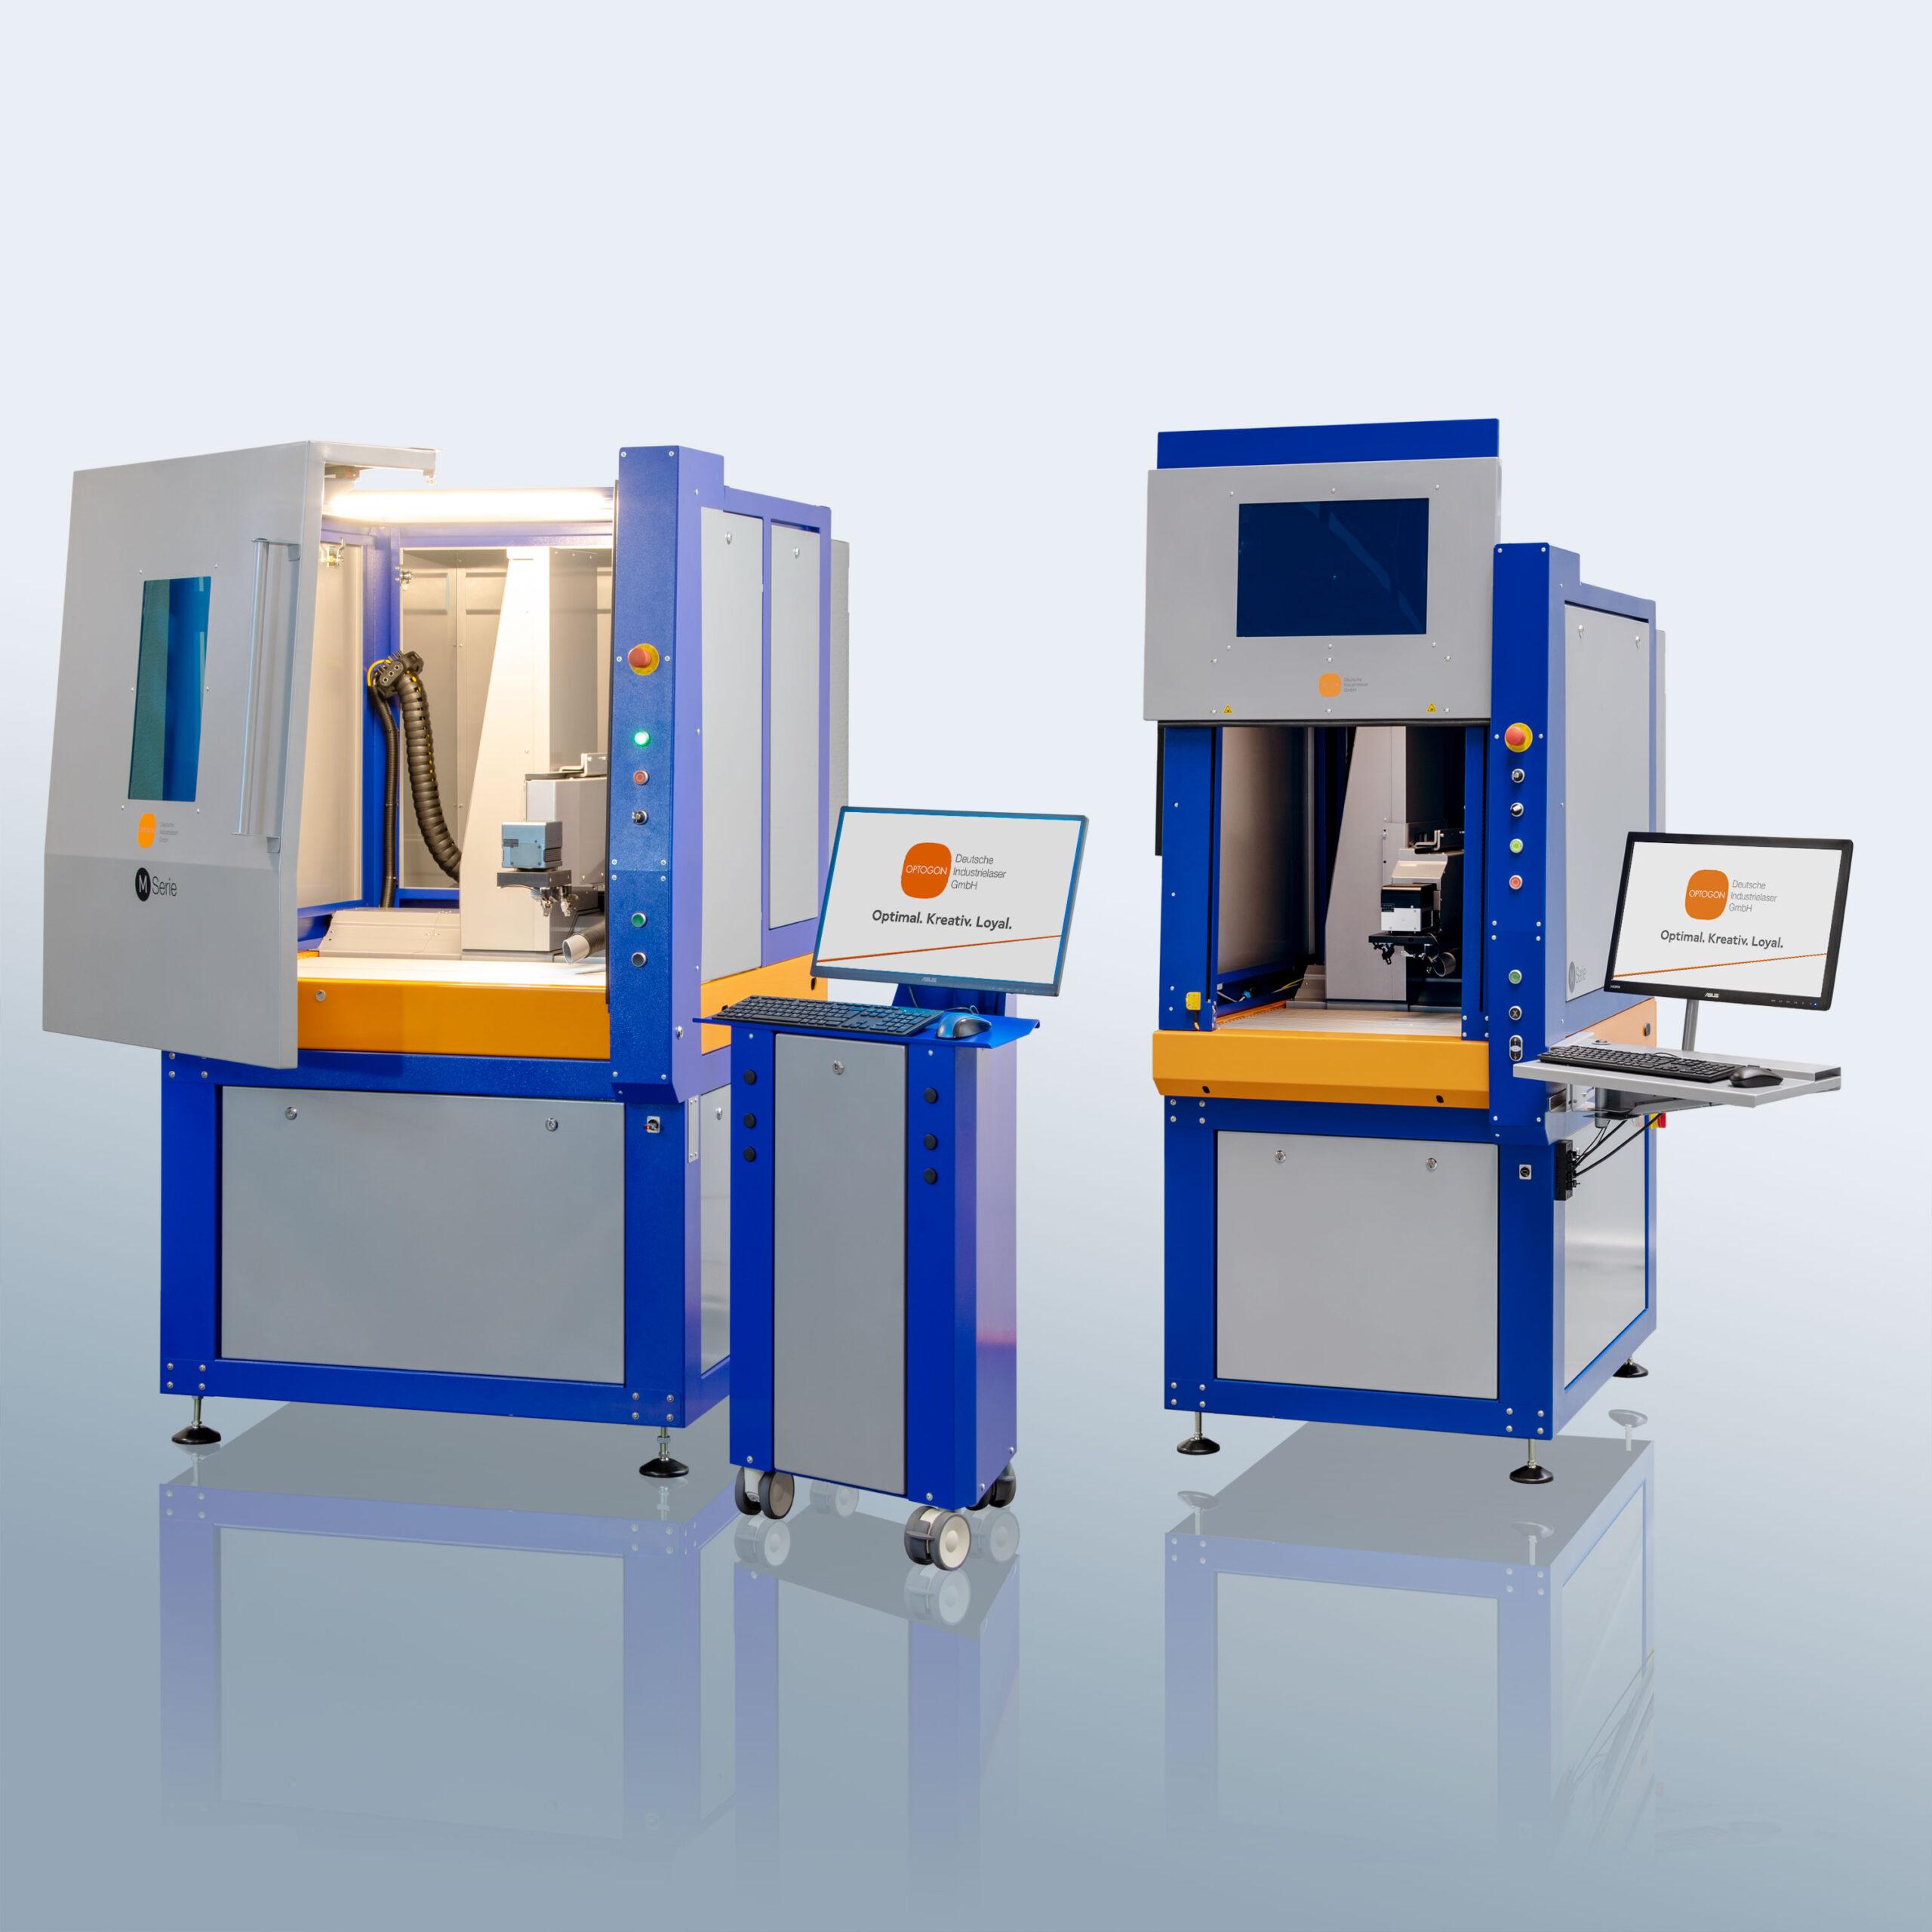 Die M-Serie von OPTOGON. Innovative Türkonzepte zum Vorteil des Kunden.